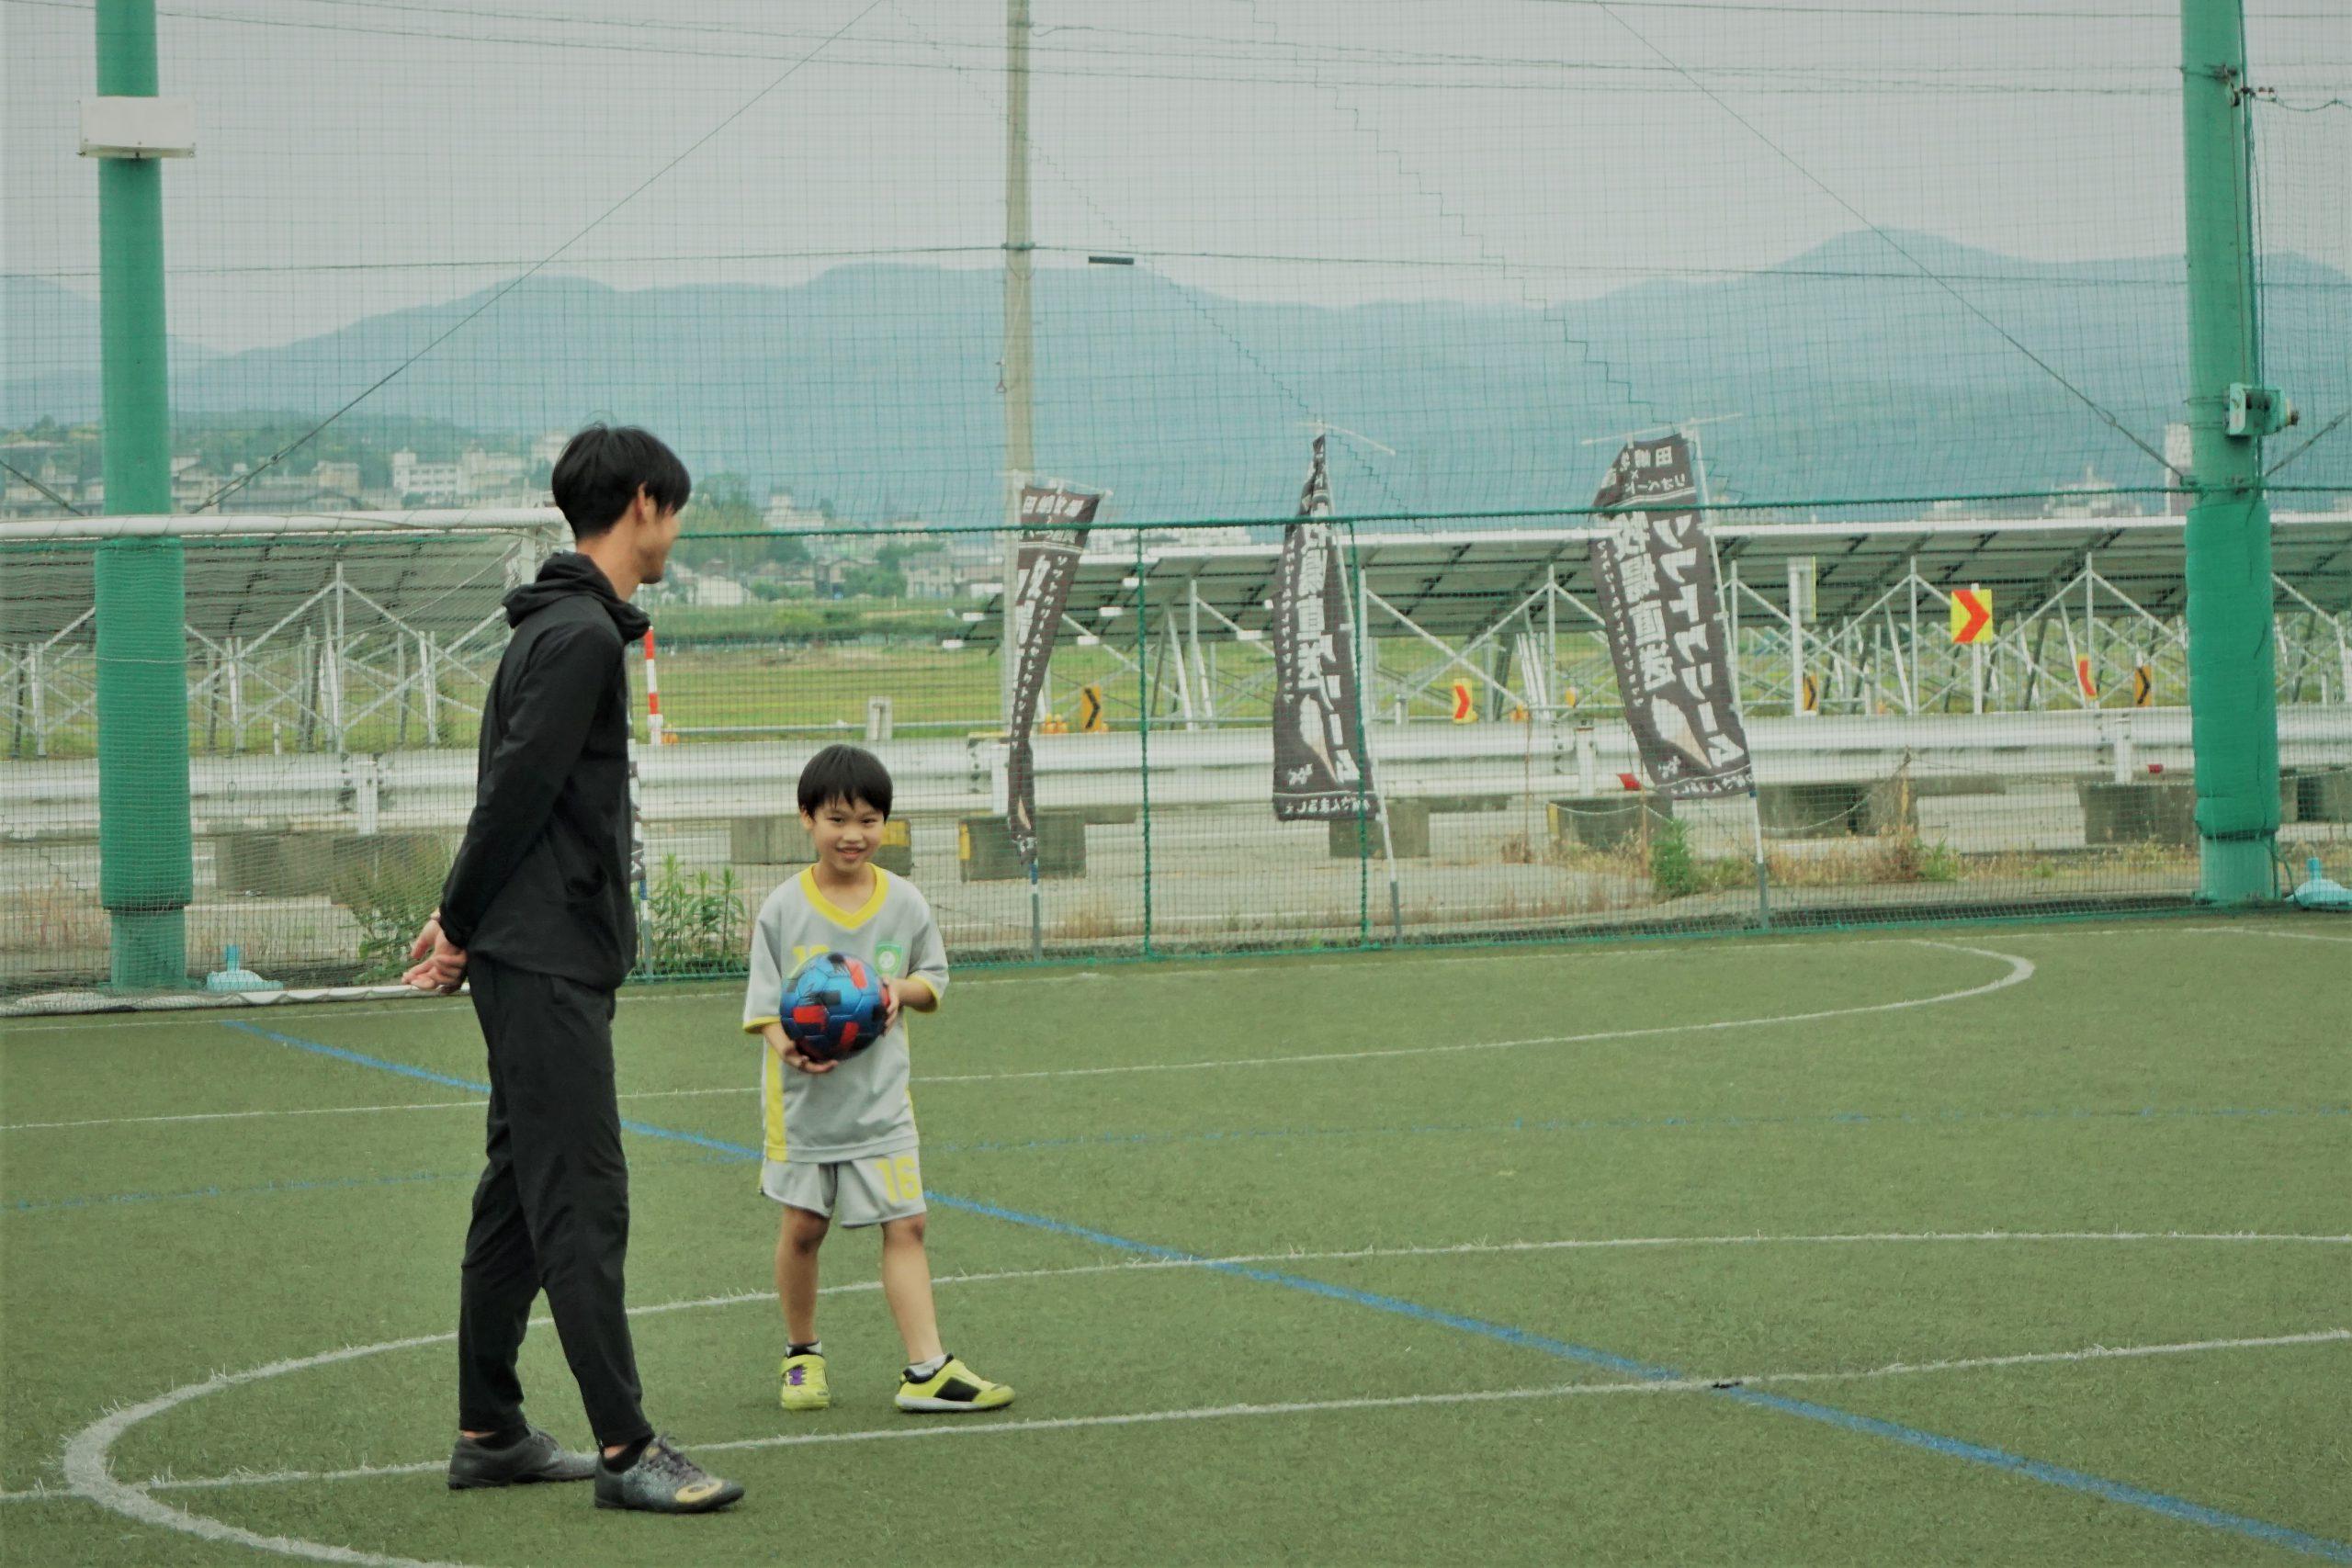 サッカー指導をしている様子